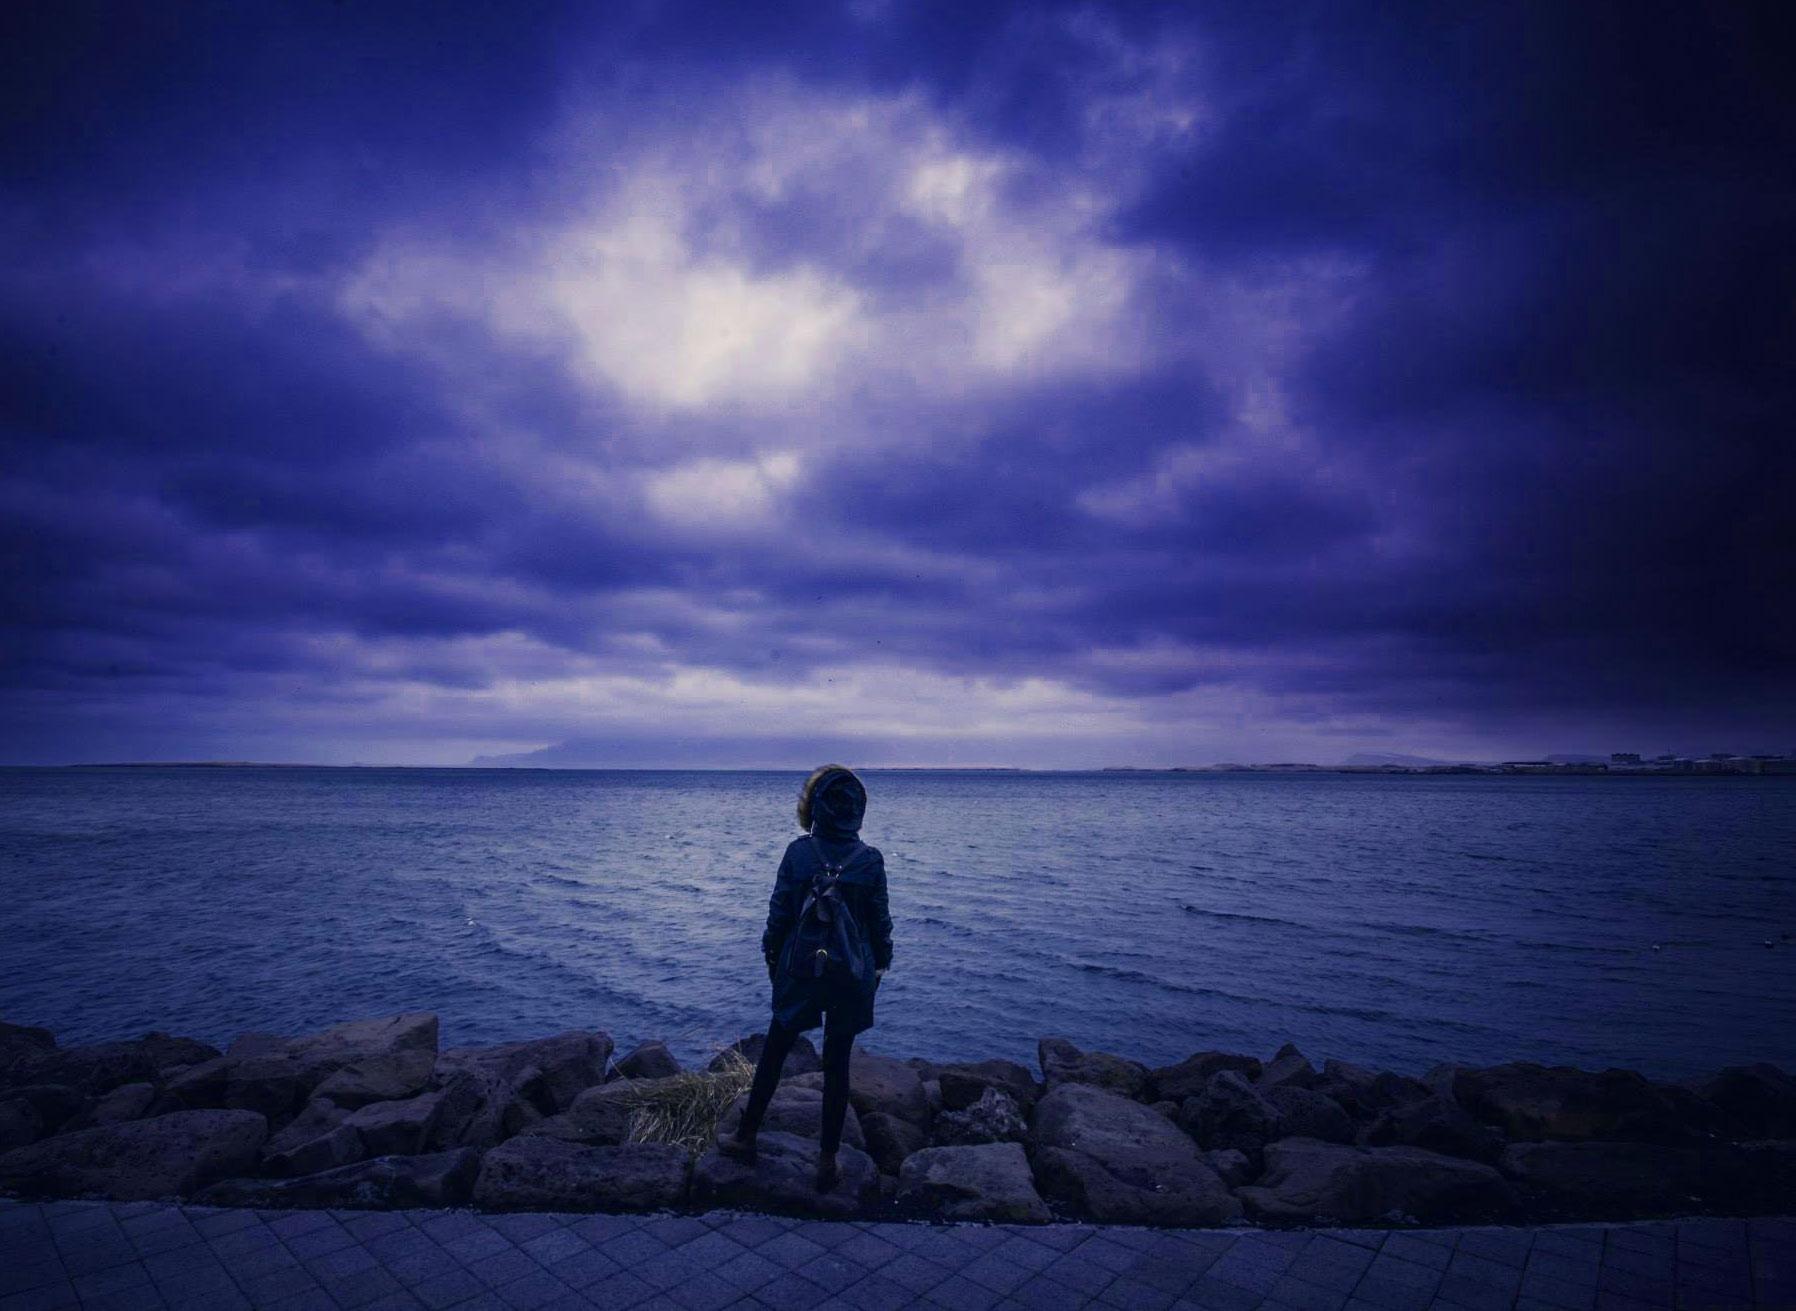 Alone boy whatsapp dp Photo Download